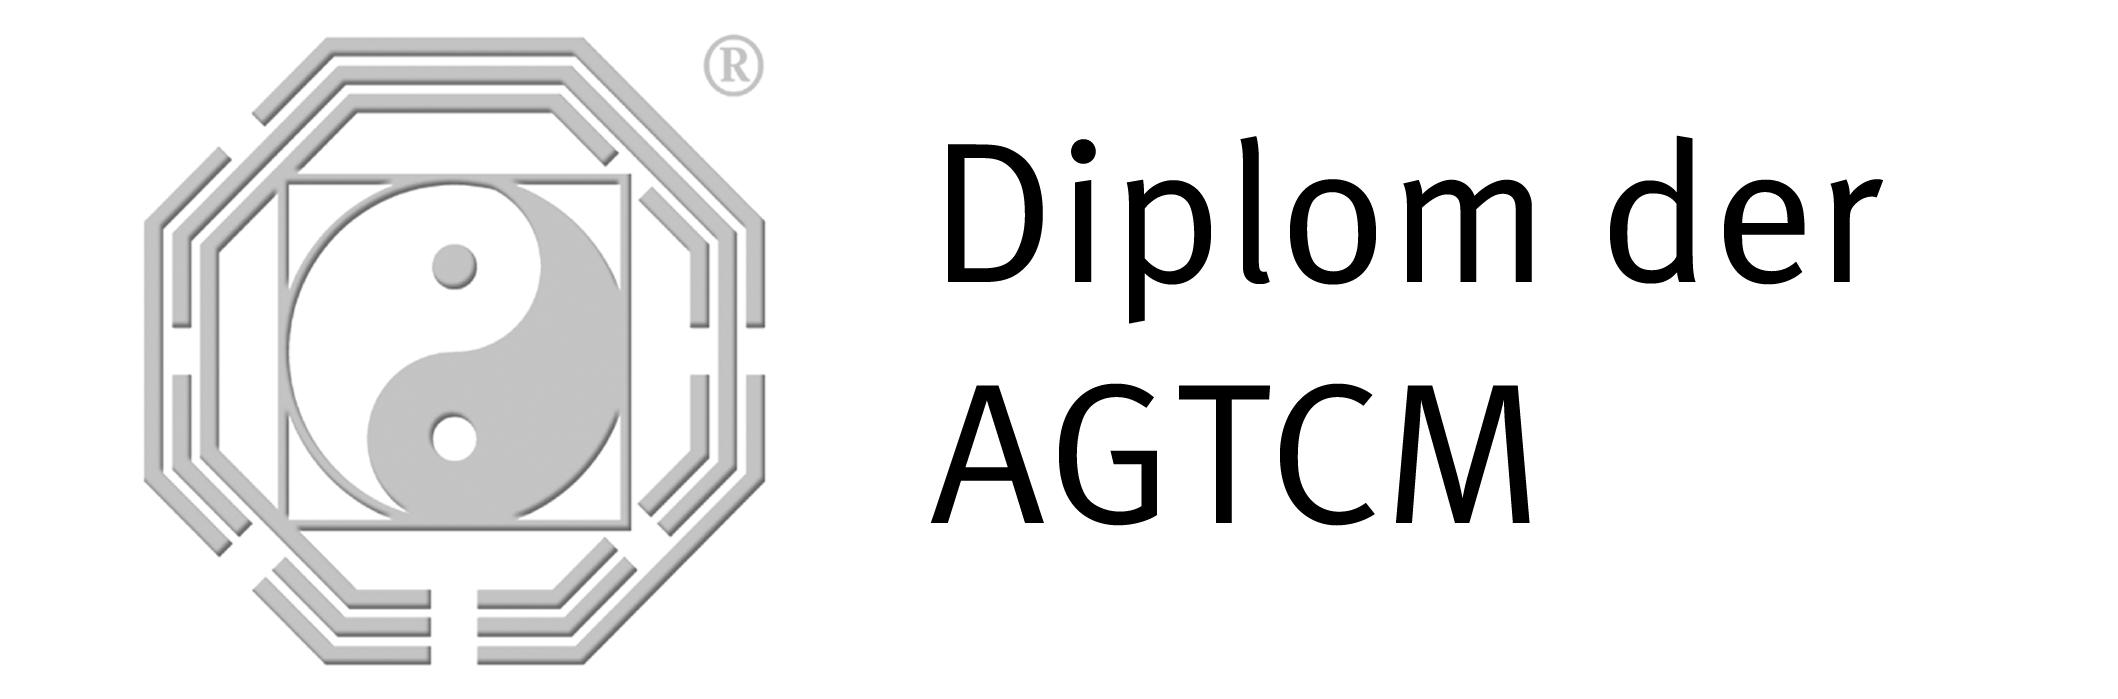 Diplom der AGTCM